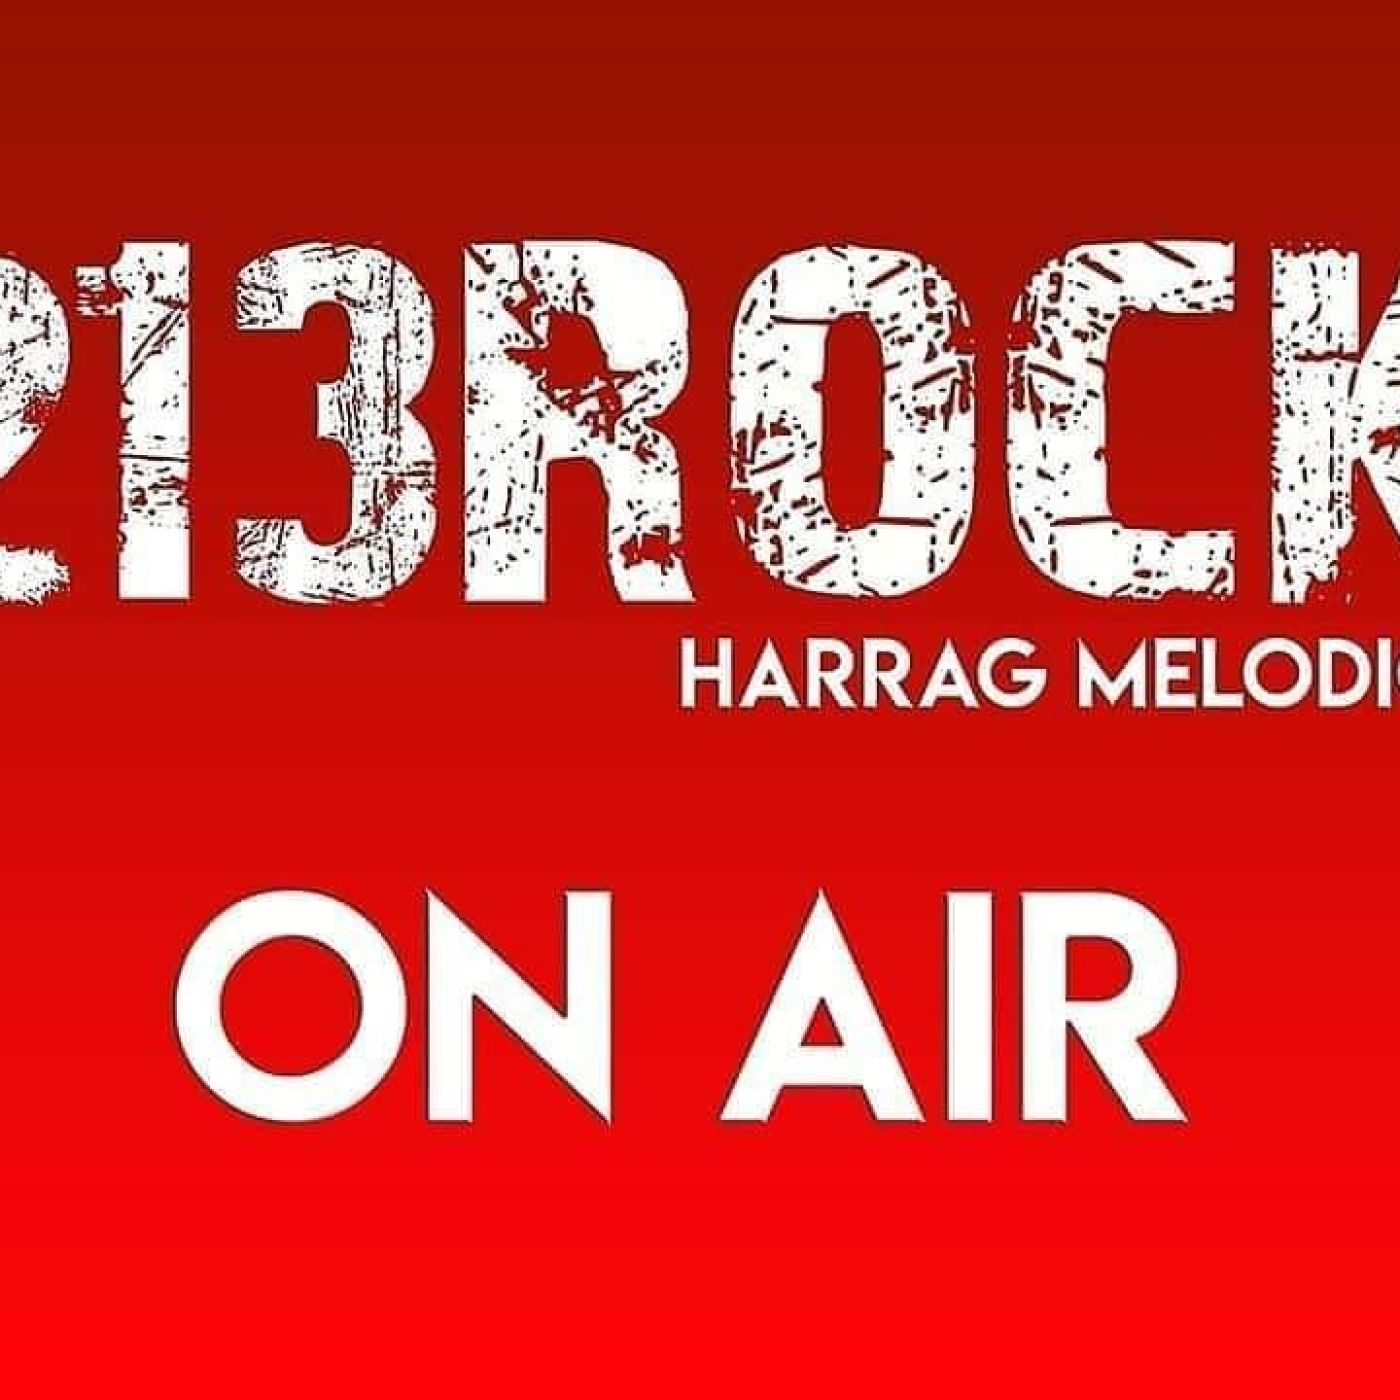 213Rock Harrag Melodica 🎧 Podcast 🎧 Itw Jo Espen Cavebones 19 09 2019